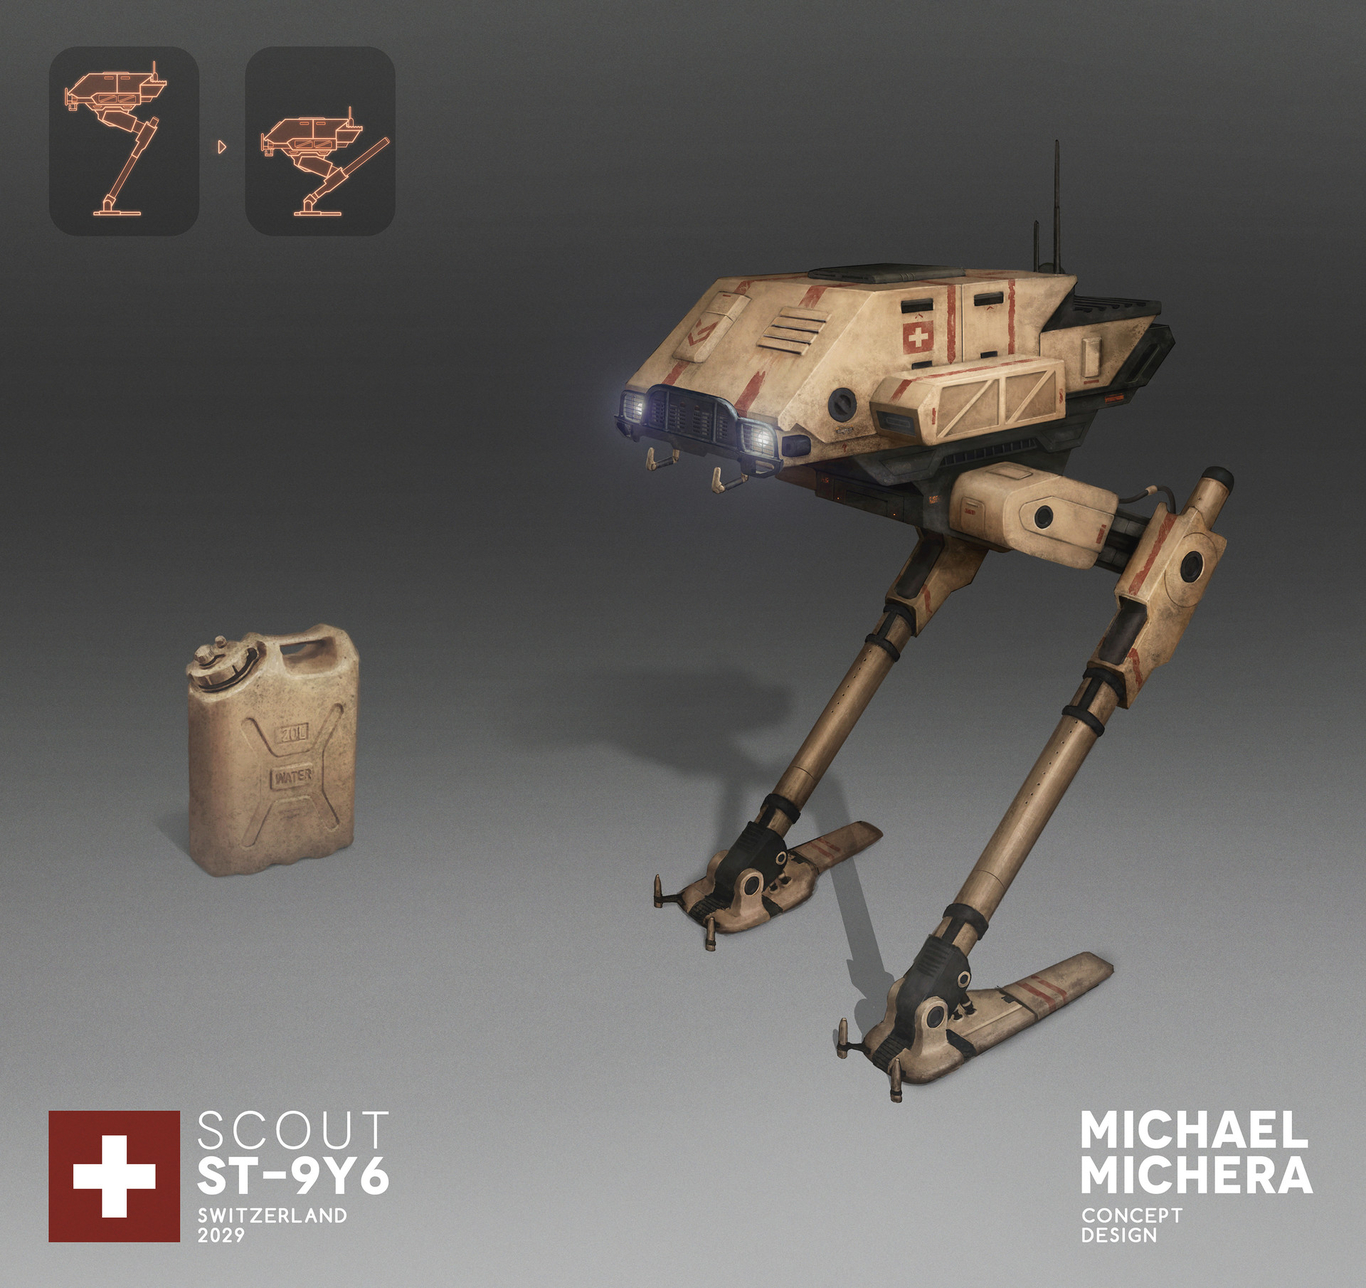 Michera switzerland 2029 1 1093f226 d97f